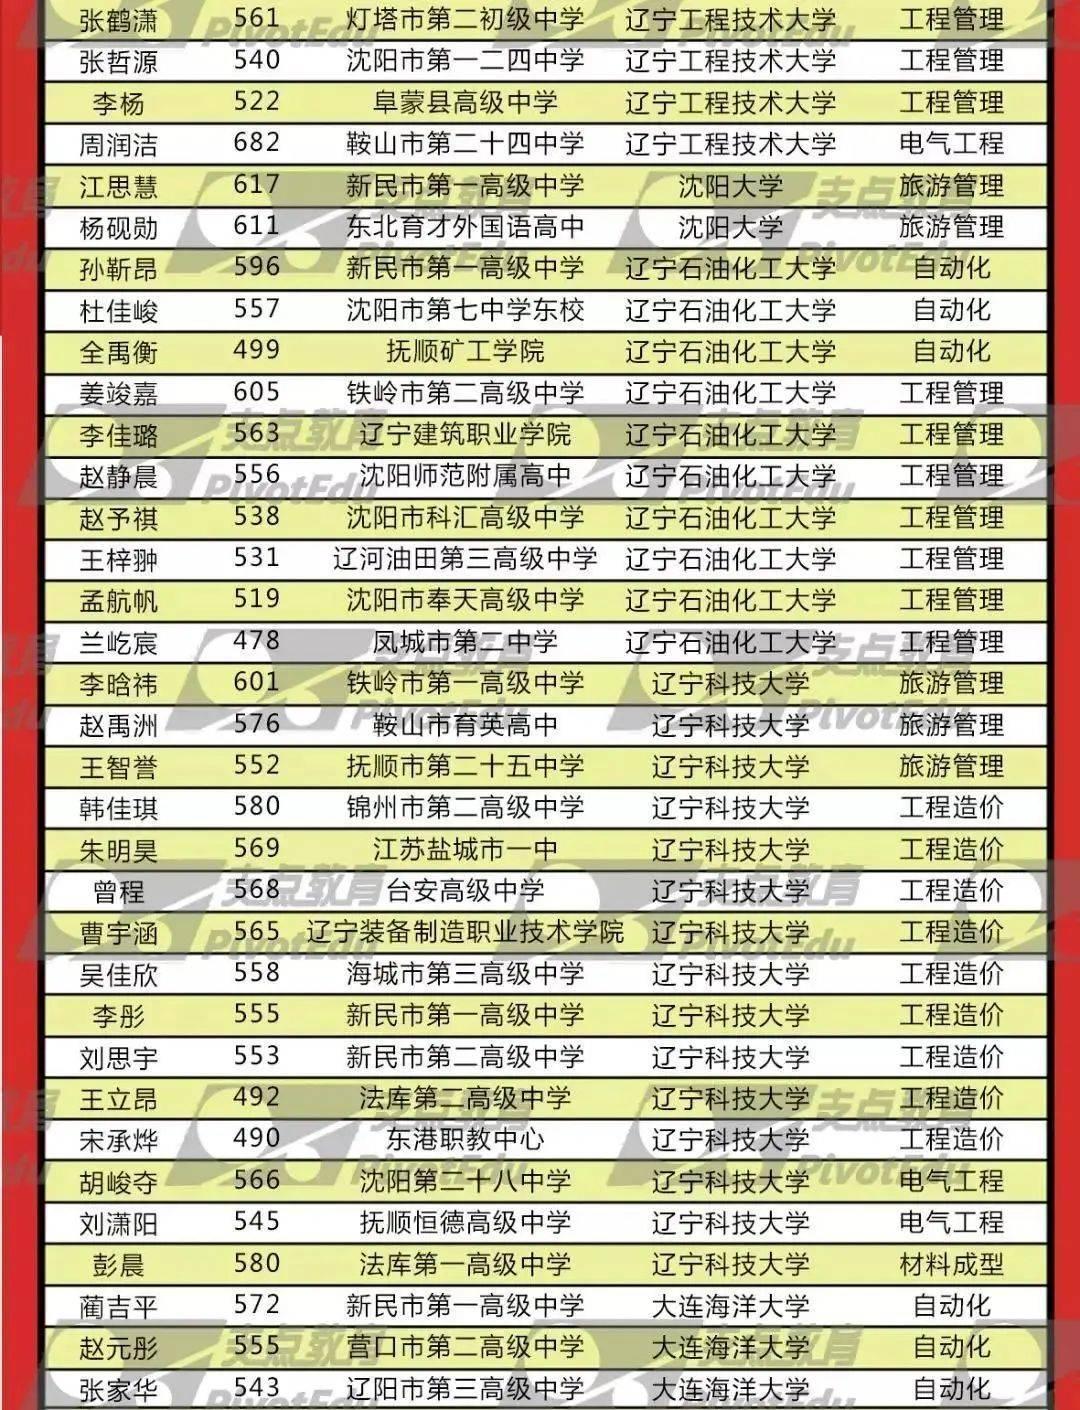 沈阳支点教育的个人展示页_搜狐网